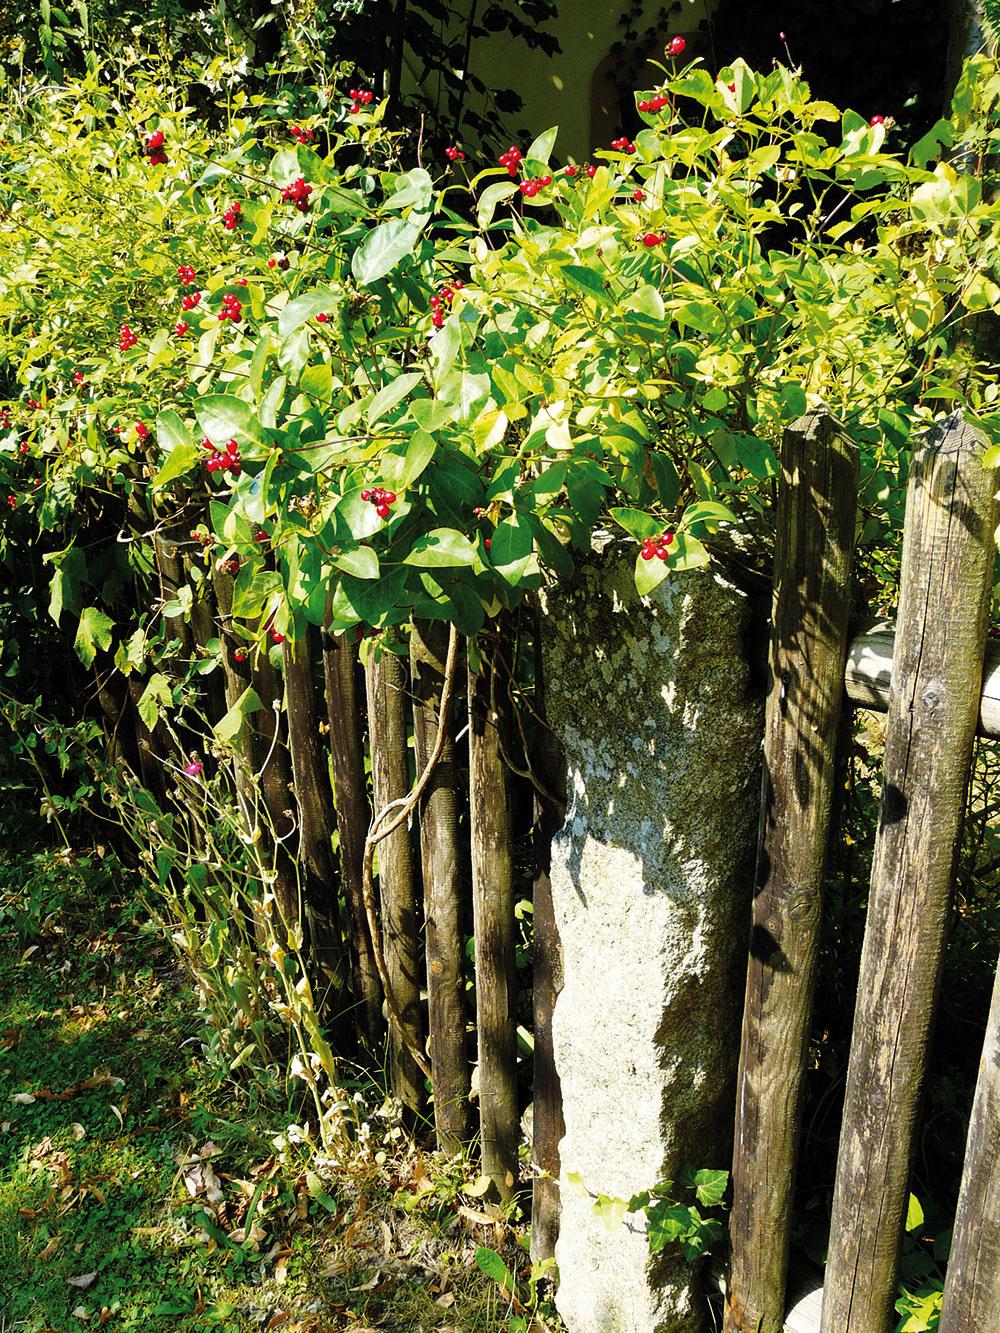 Bujne rastúce popínavky ovládli plot pri záhrade pre hostí. Aj tu prevládajú druhy, ktoré sú nielen krásne, ale i užitočné. Kvety zimolezu vábia čmeliakov aj včely a na plodoch si koncom leta pochutnajú vtáci.